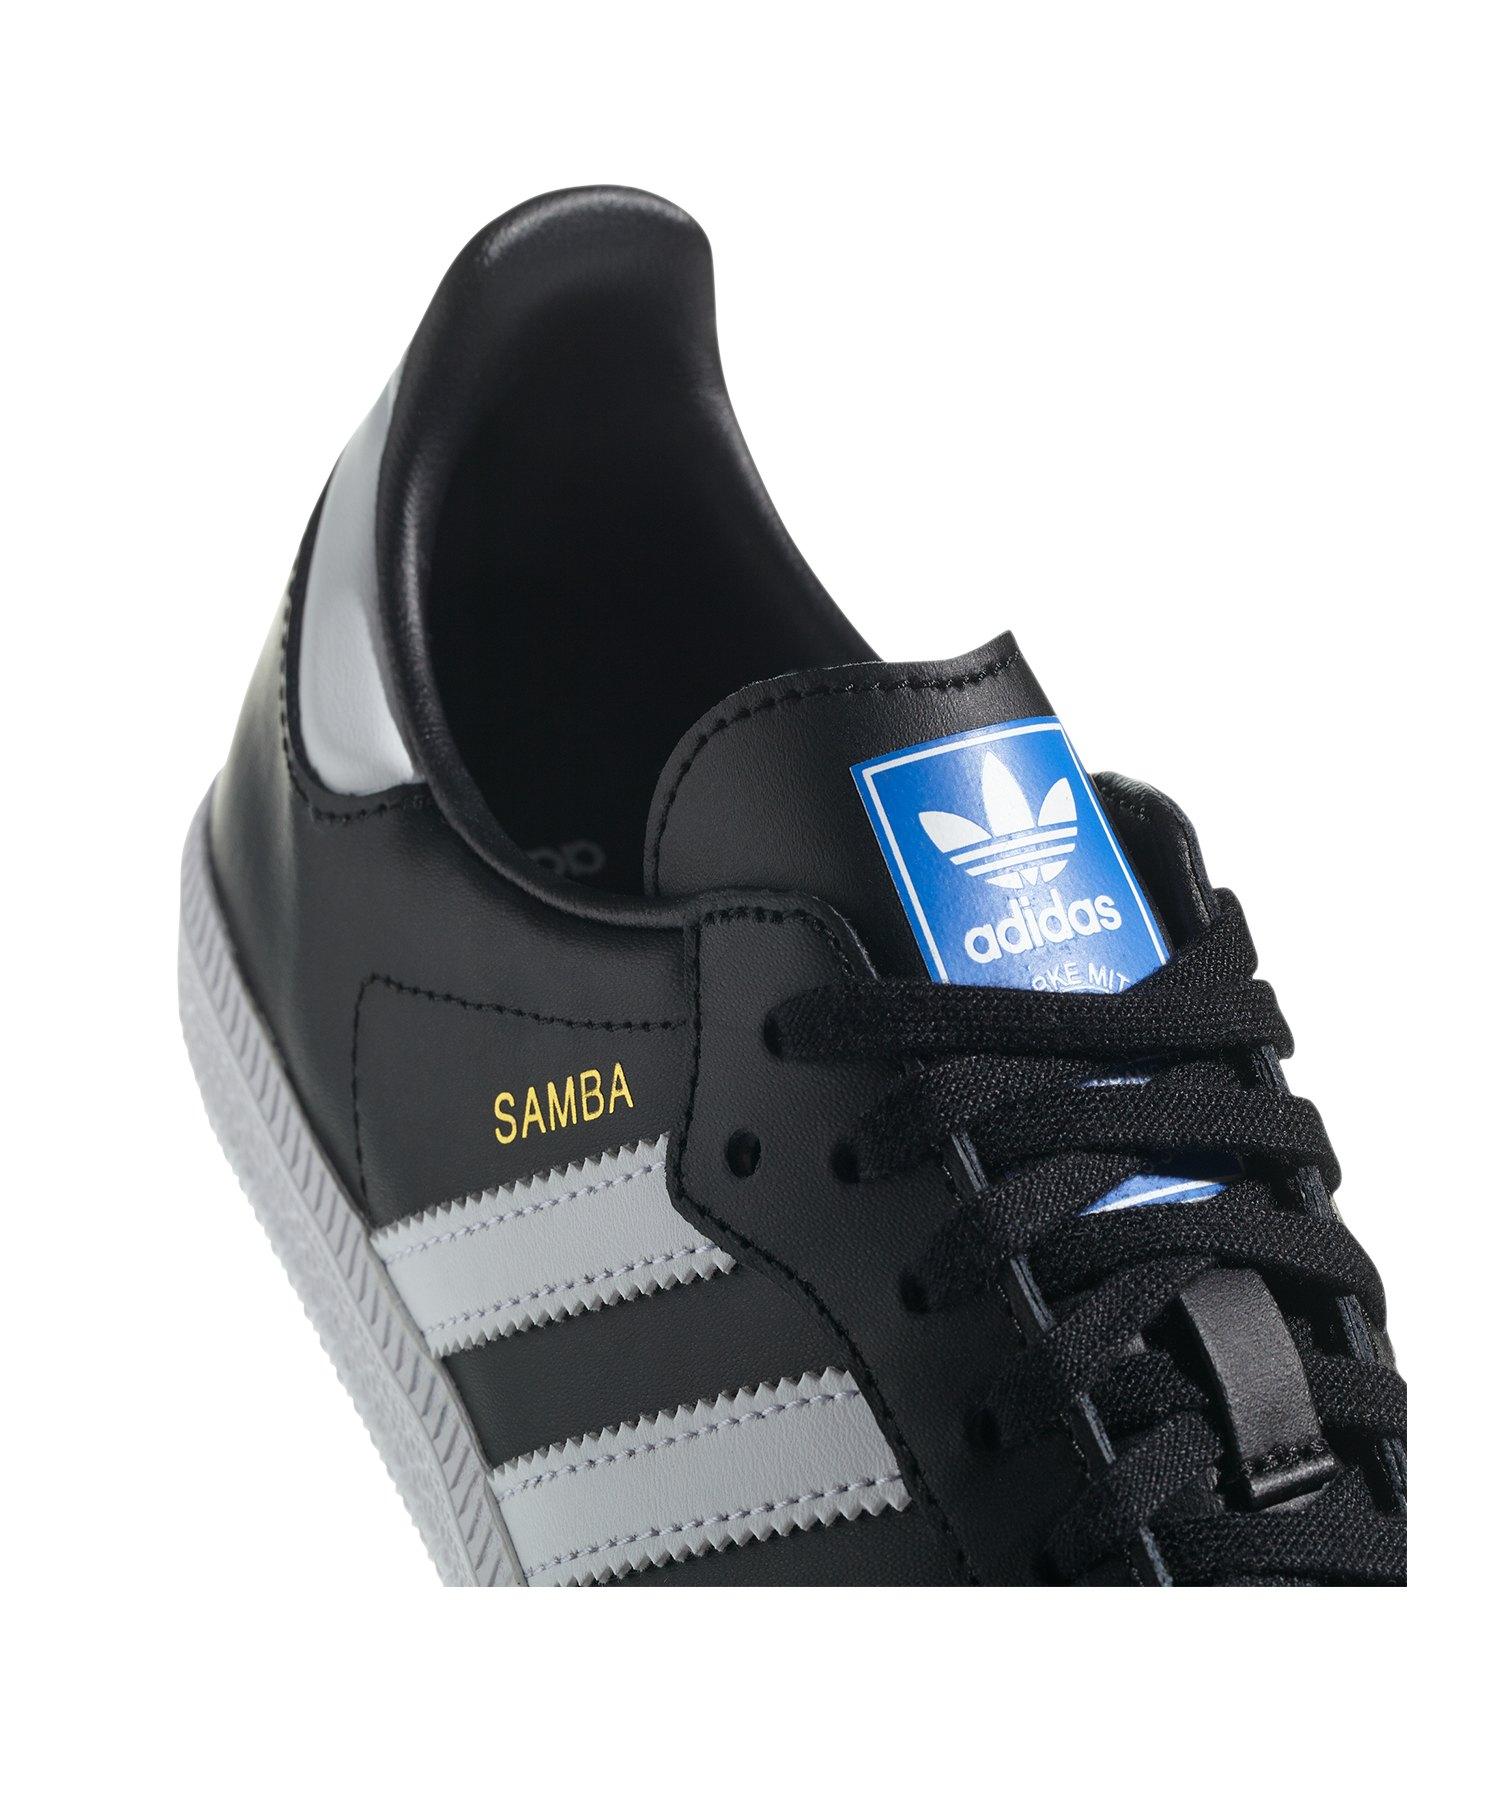 adidas samba schuhe kinder